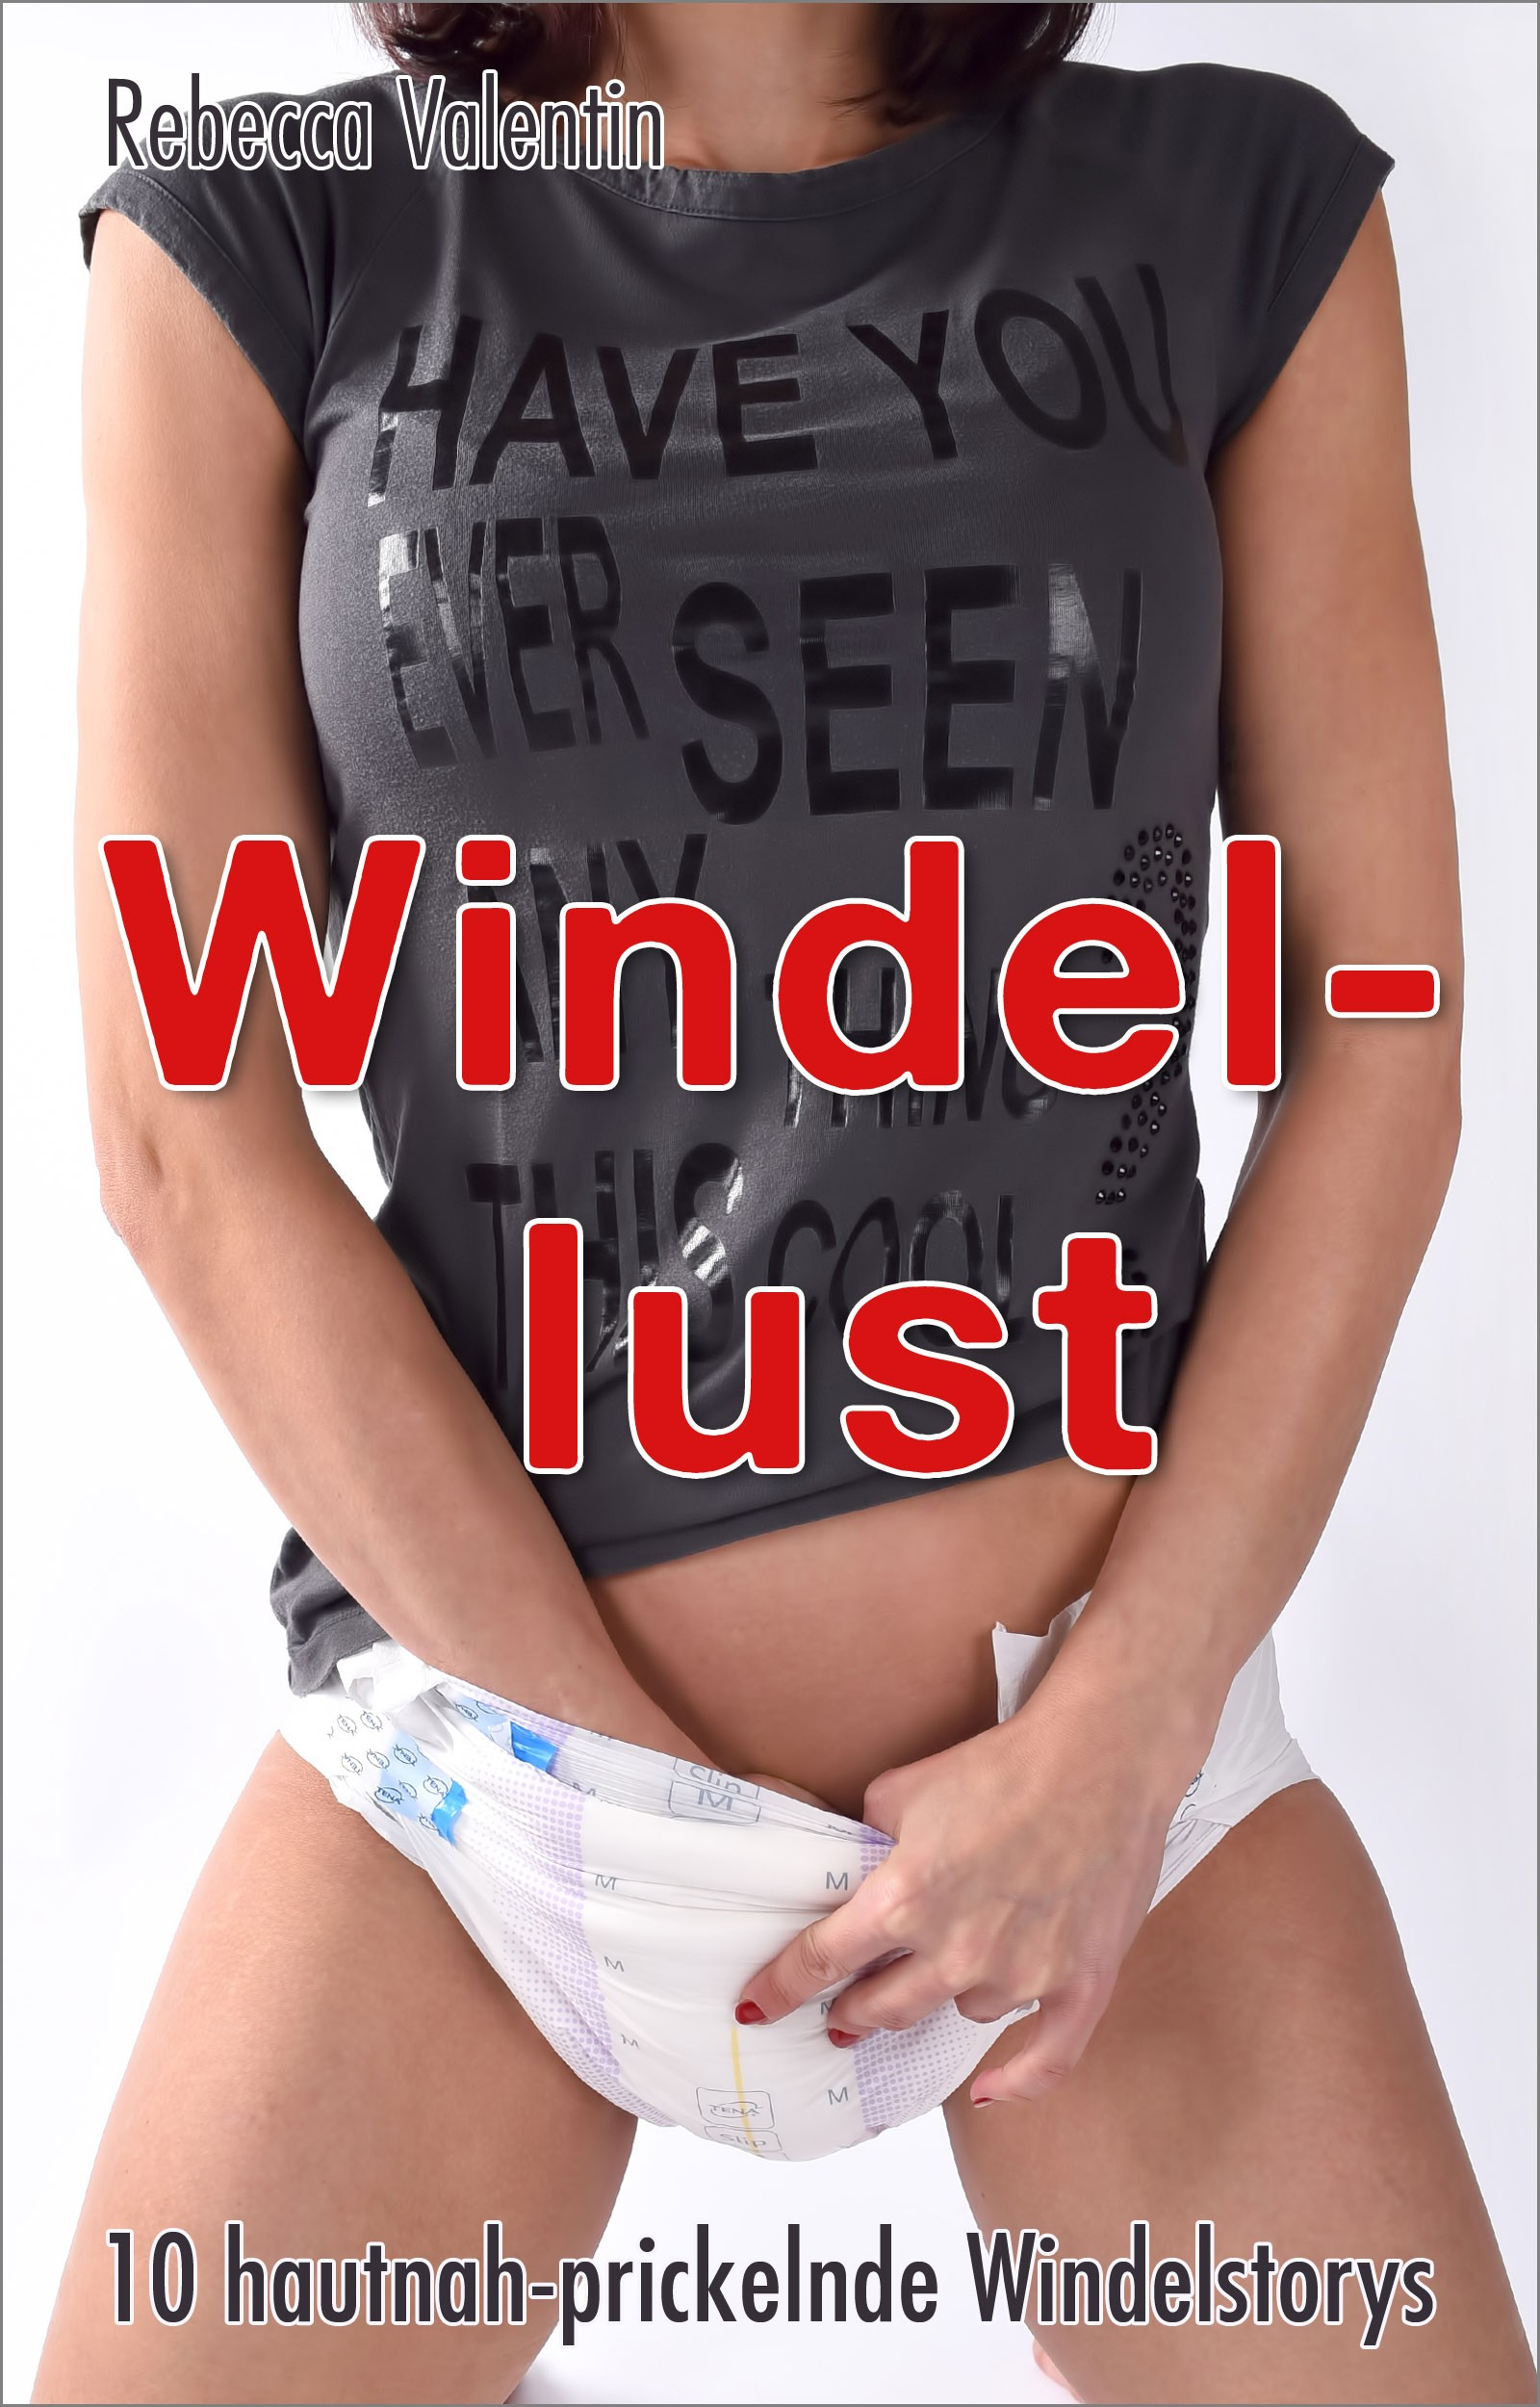 Windellust